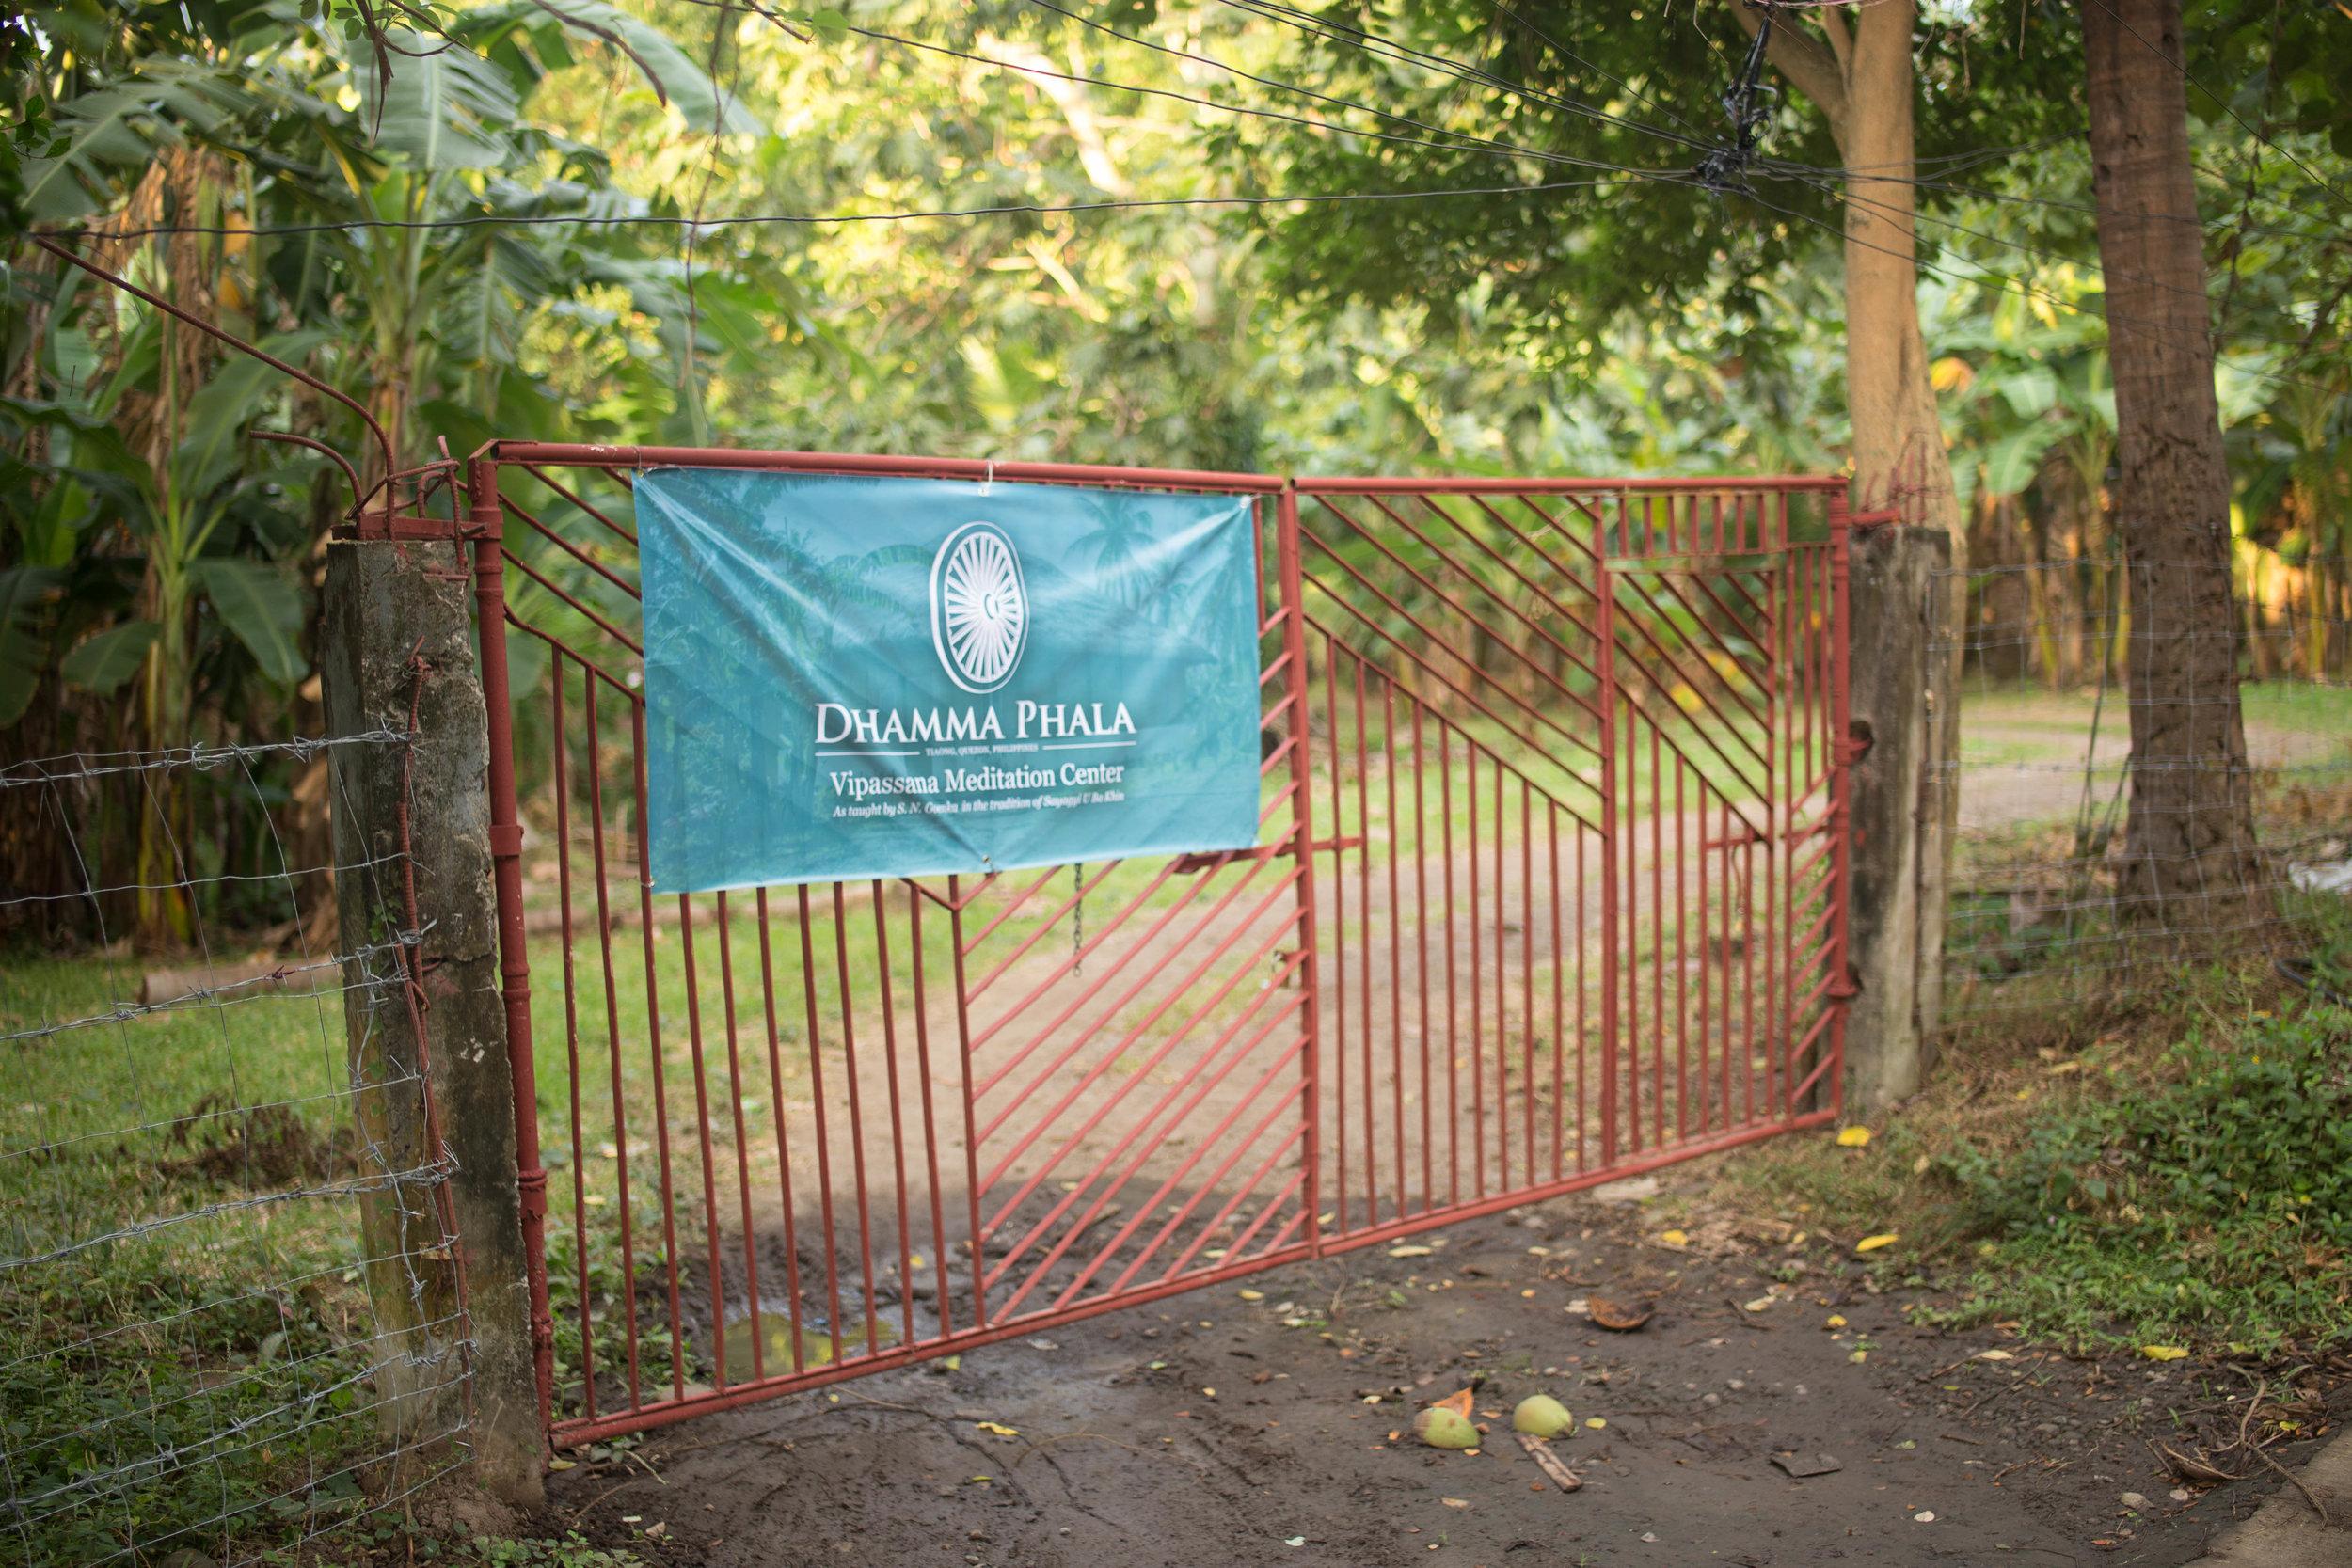 Entrance to Dhamma Phala Vipassana Meditation Center